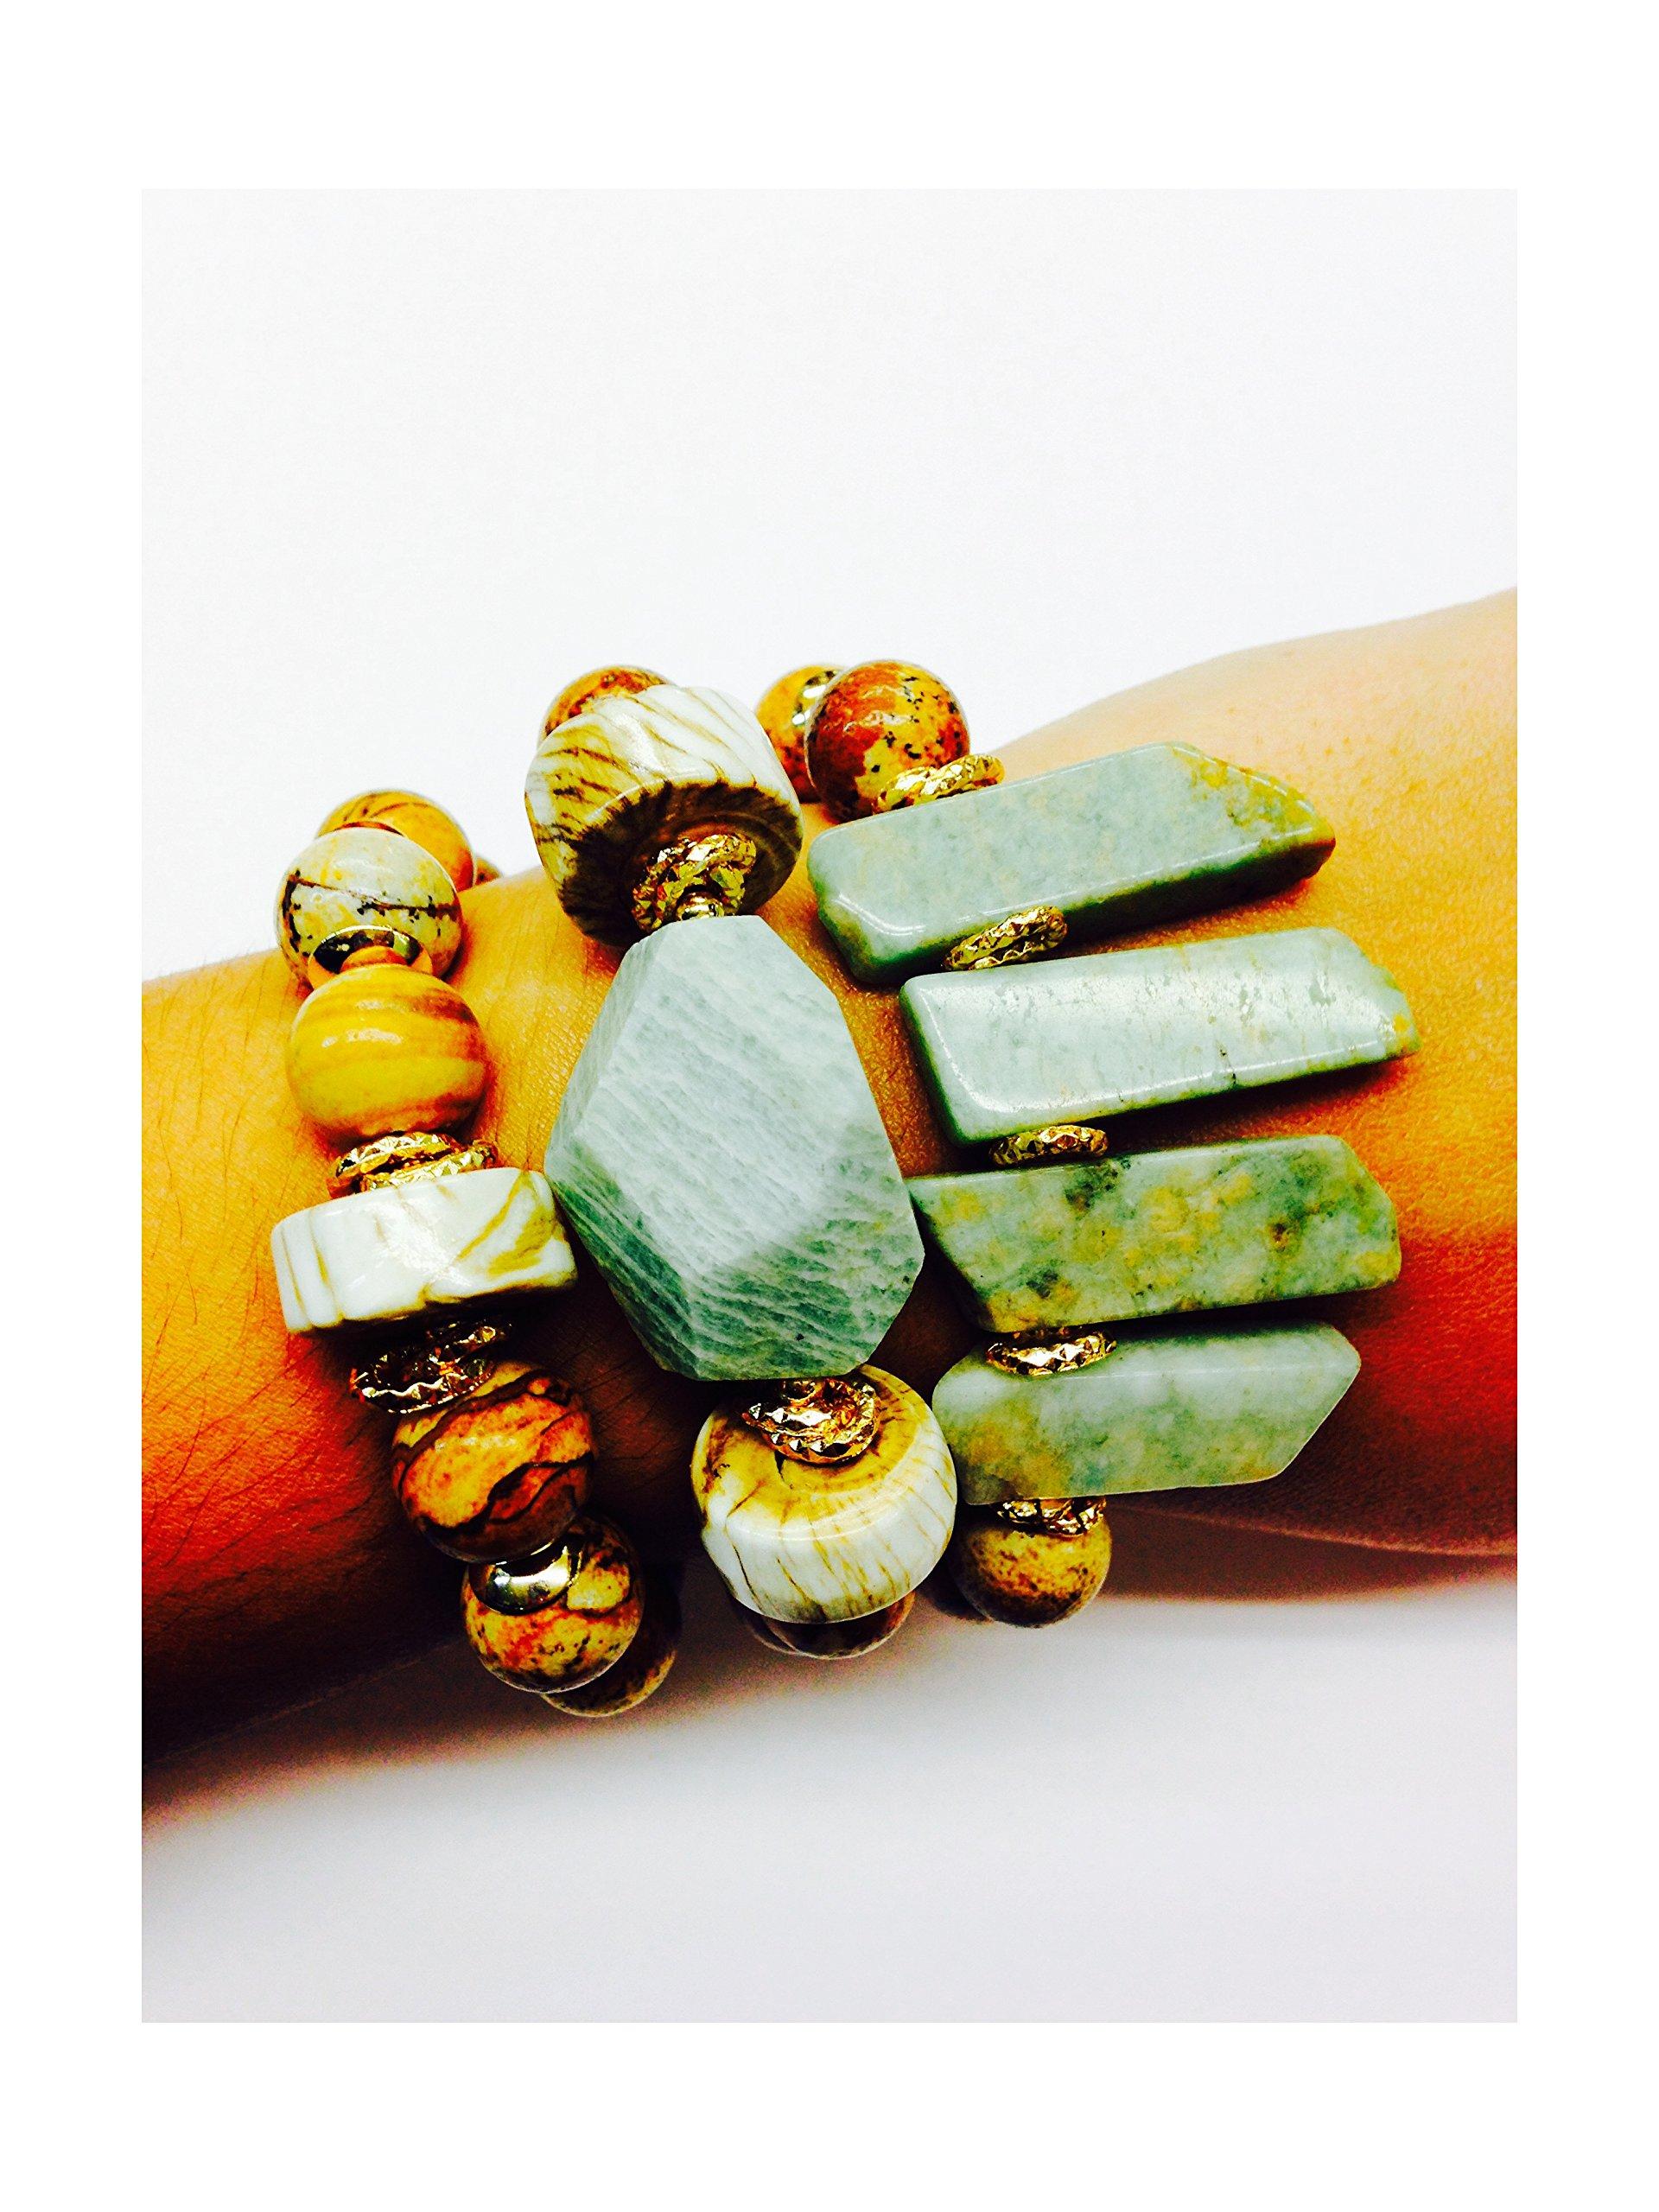 Set of 3 Handmade Bracelets - Jasper, Amazonite Tusks, Whole Shell & Giant Amazonite Natural Stones & Goldfilled Beads by Formula Moda